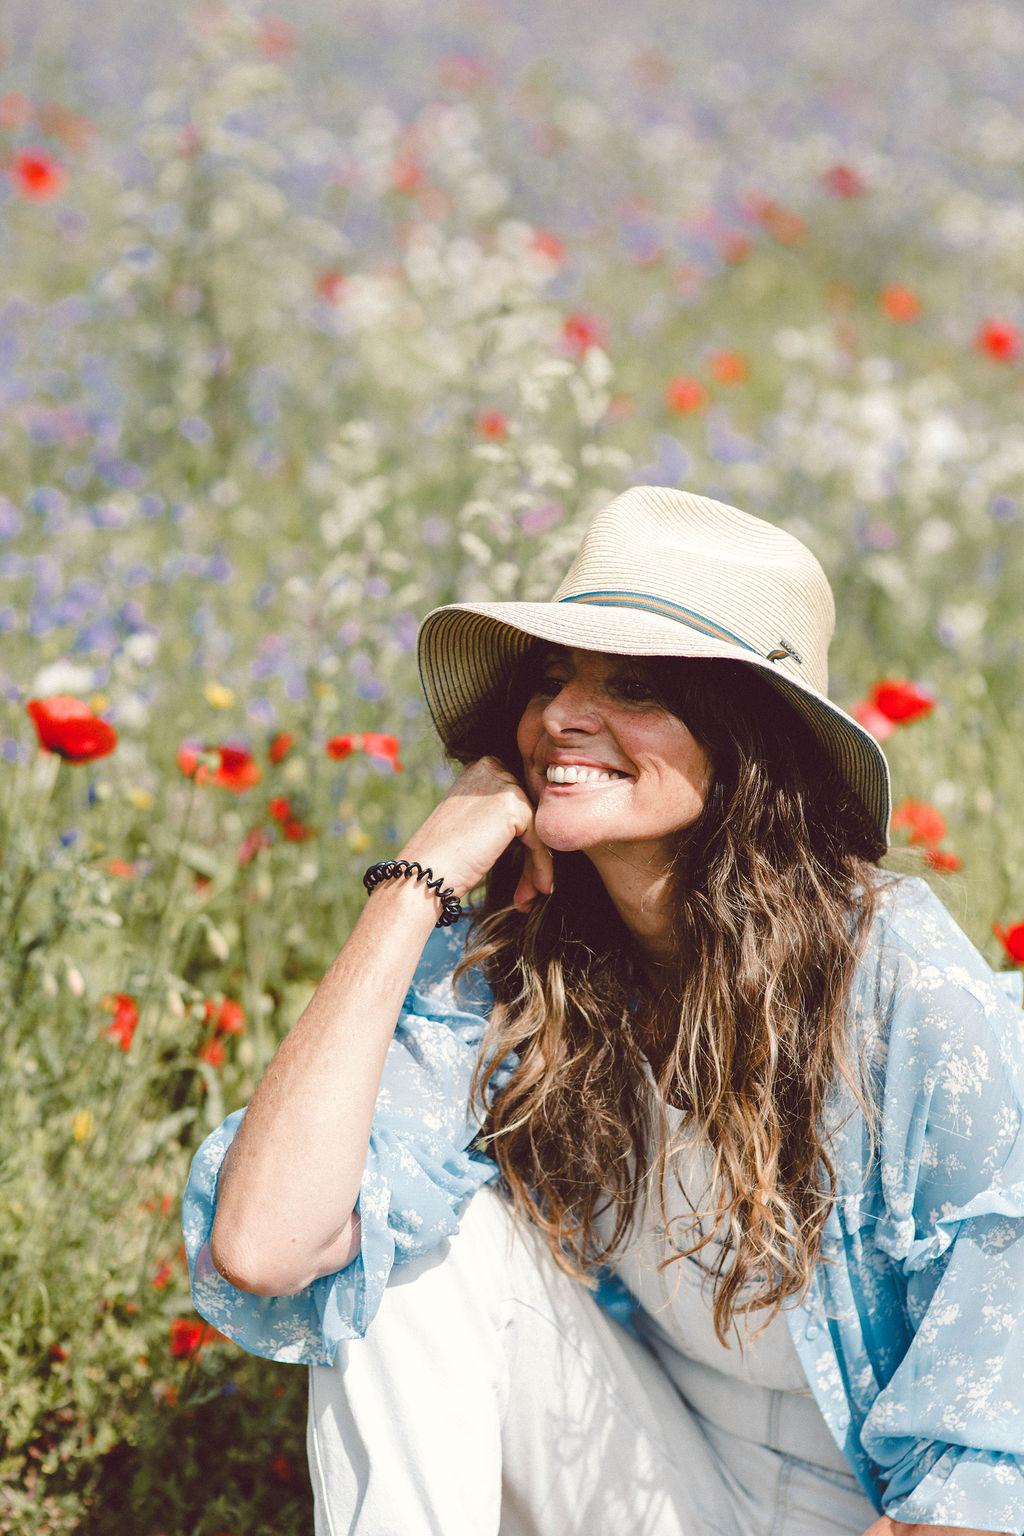 Jo Kemp Photographer in a field